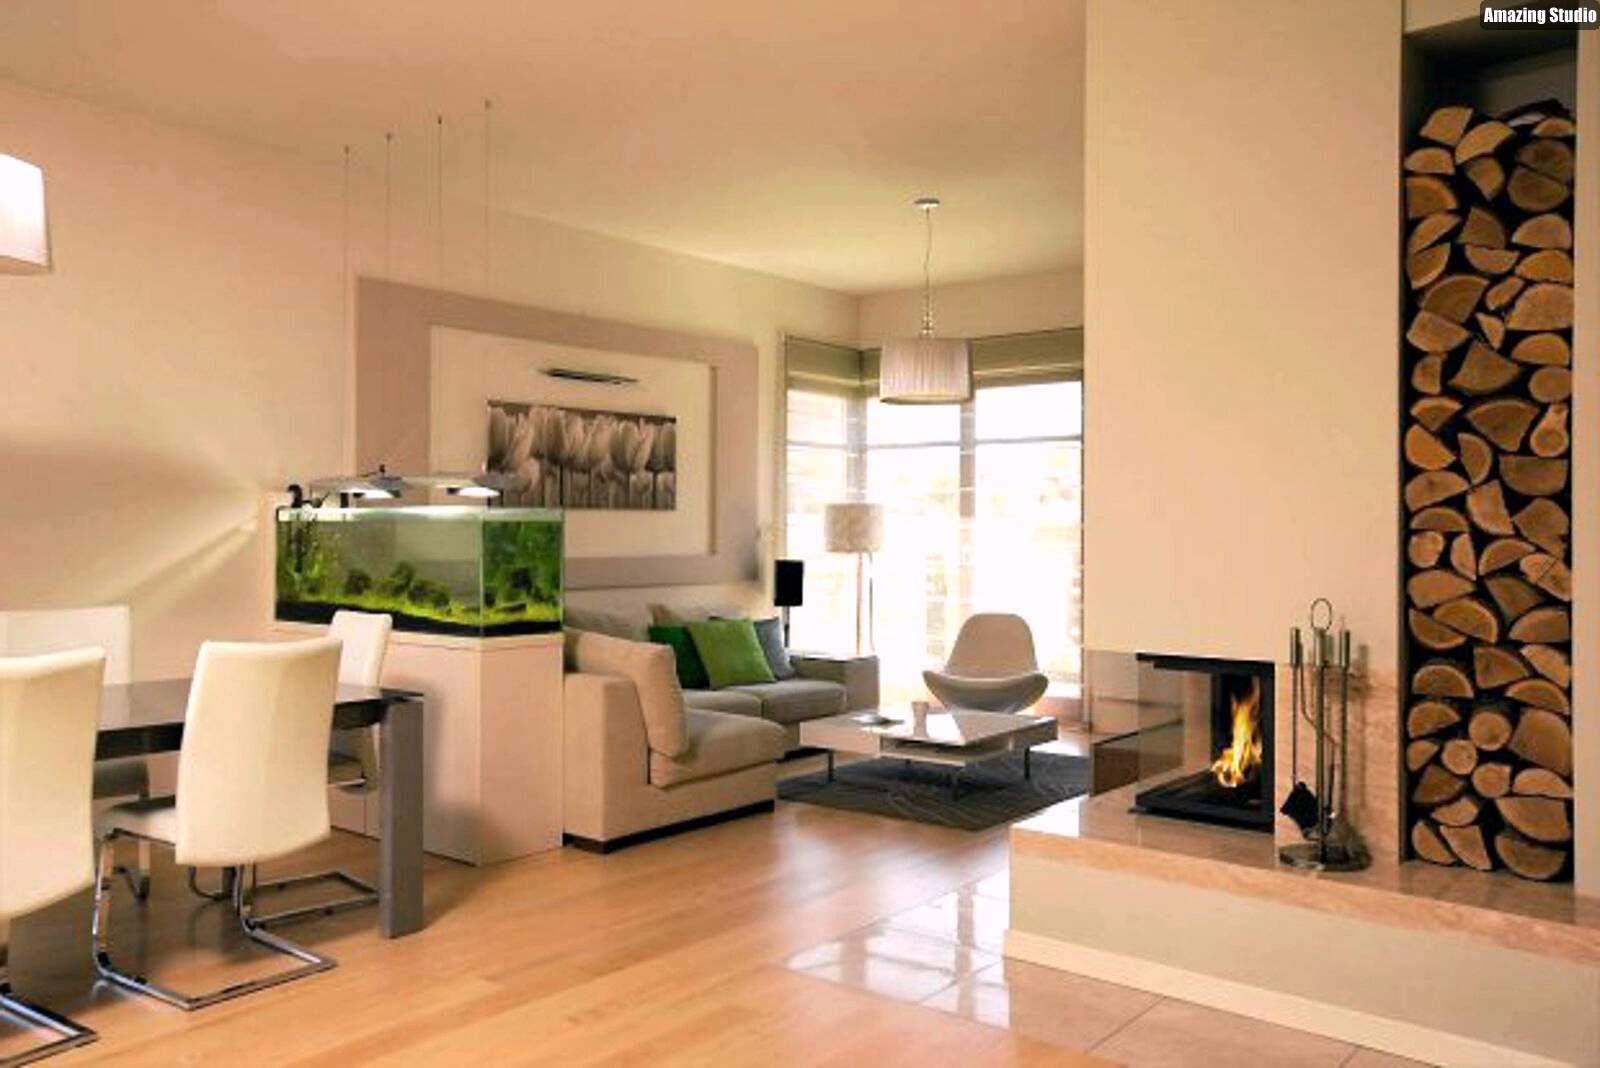 raumteiler ideen schlafzimmer – Deutsche Dekor 6  #wohnideen